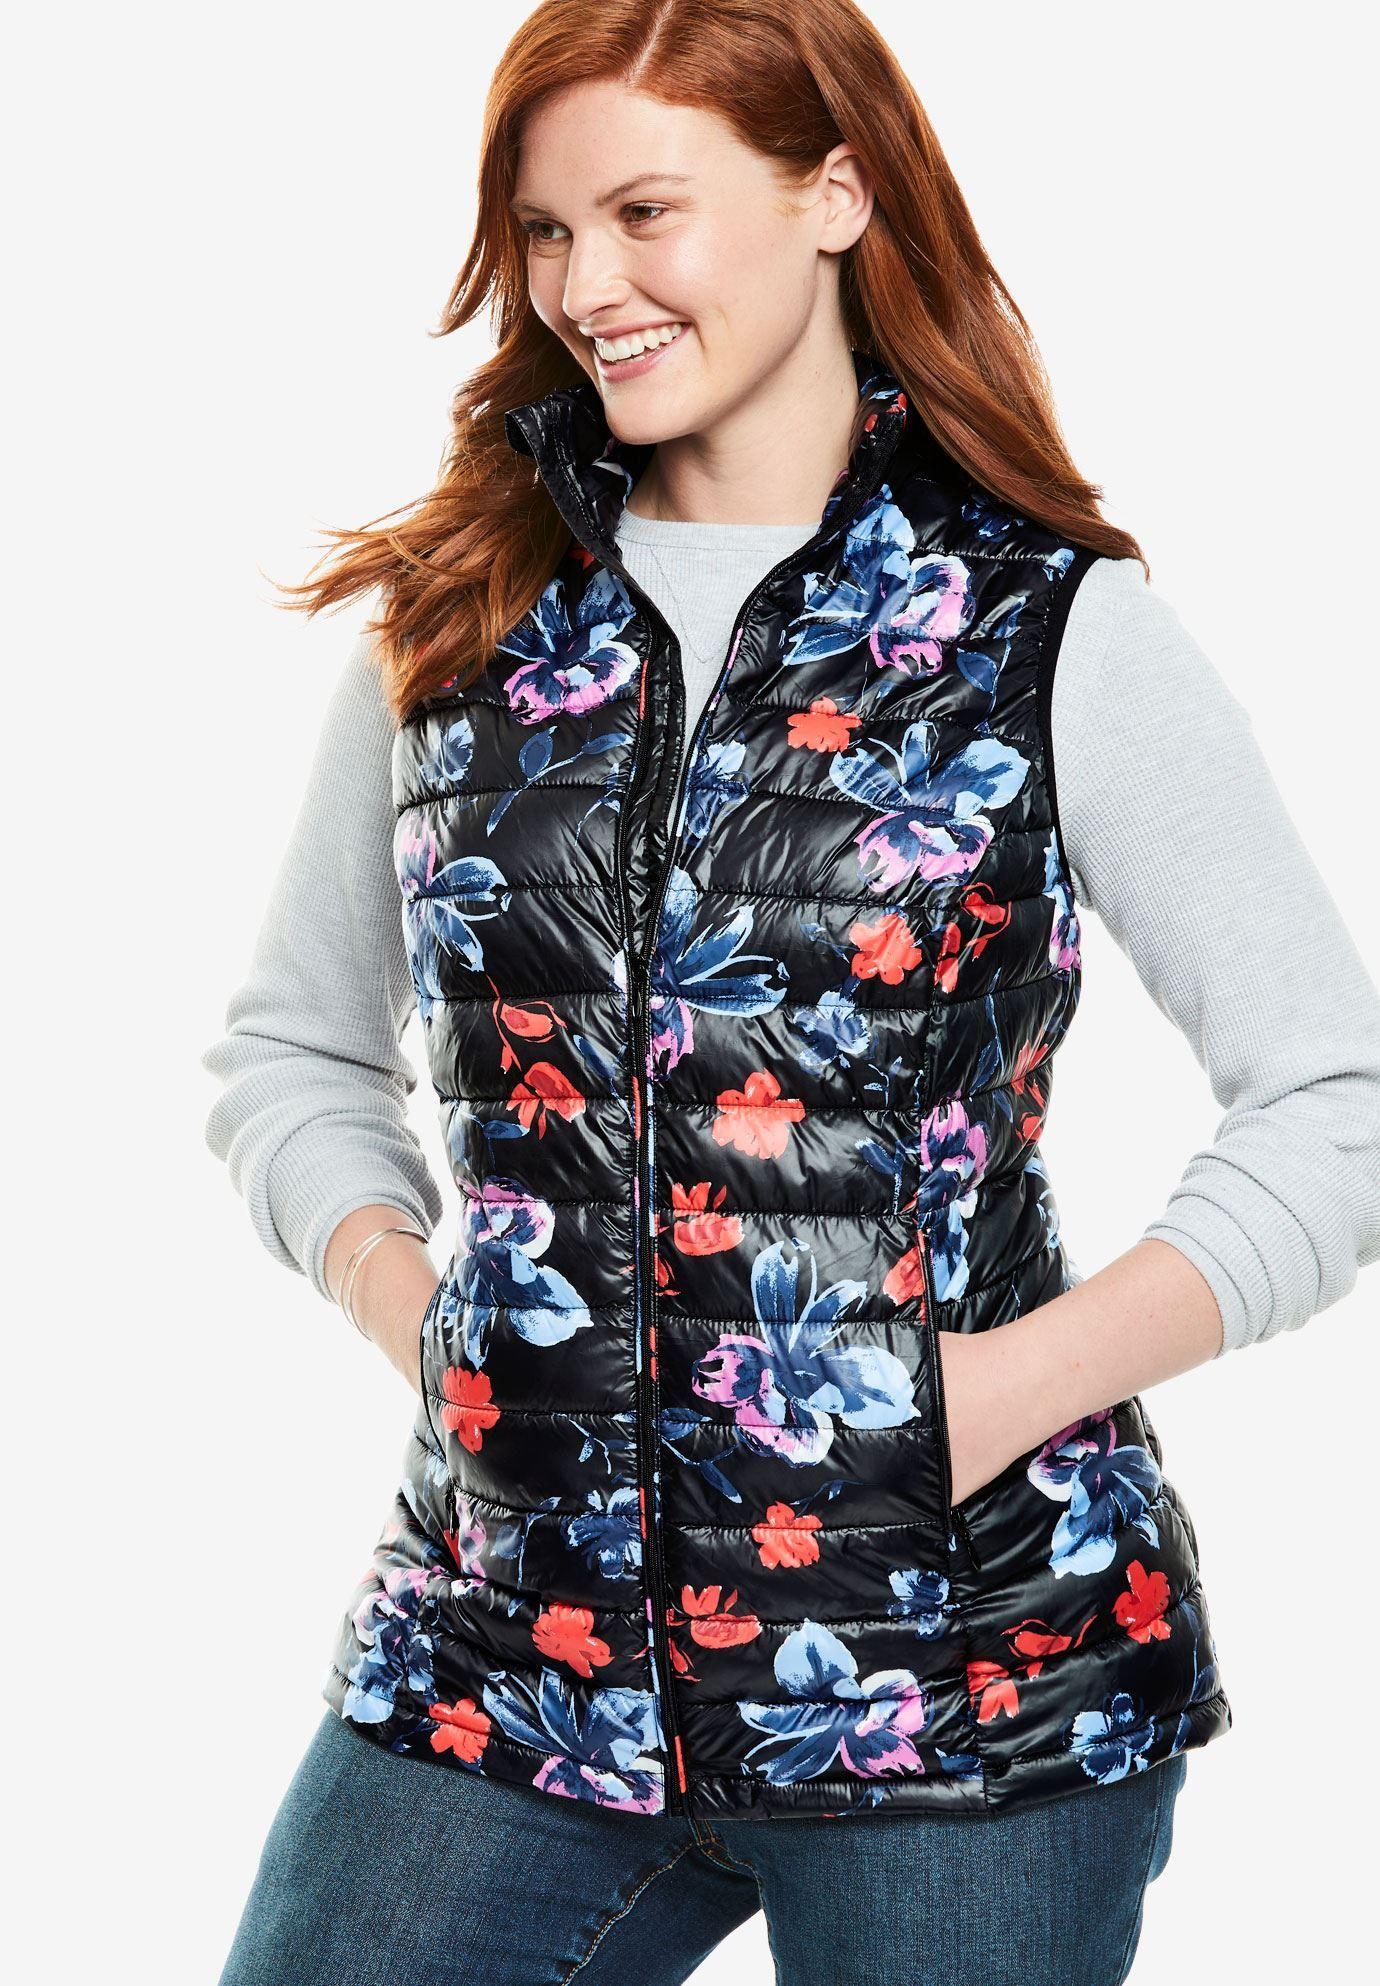 af38881d657a6 Packable puffer vest - Women's Plus Size Clothing | Products | Vest ...